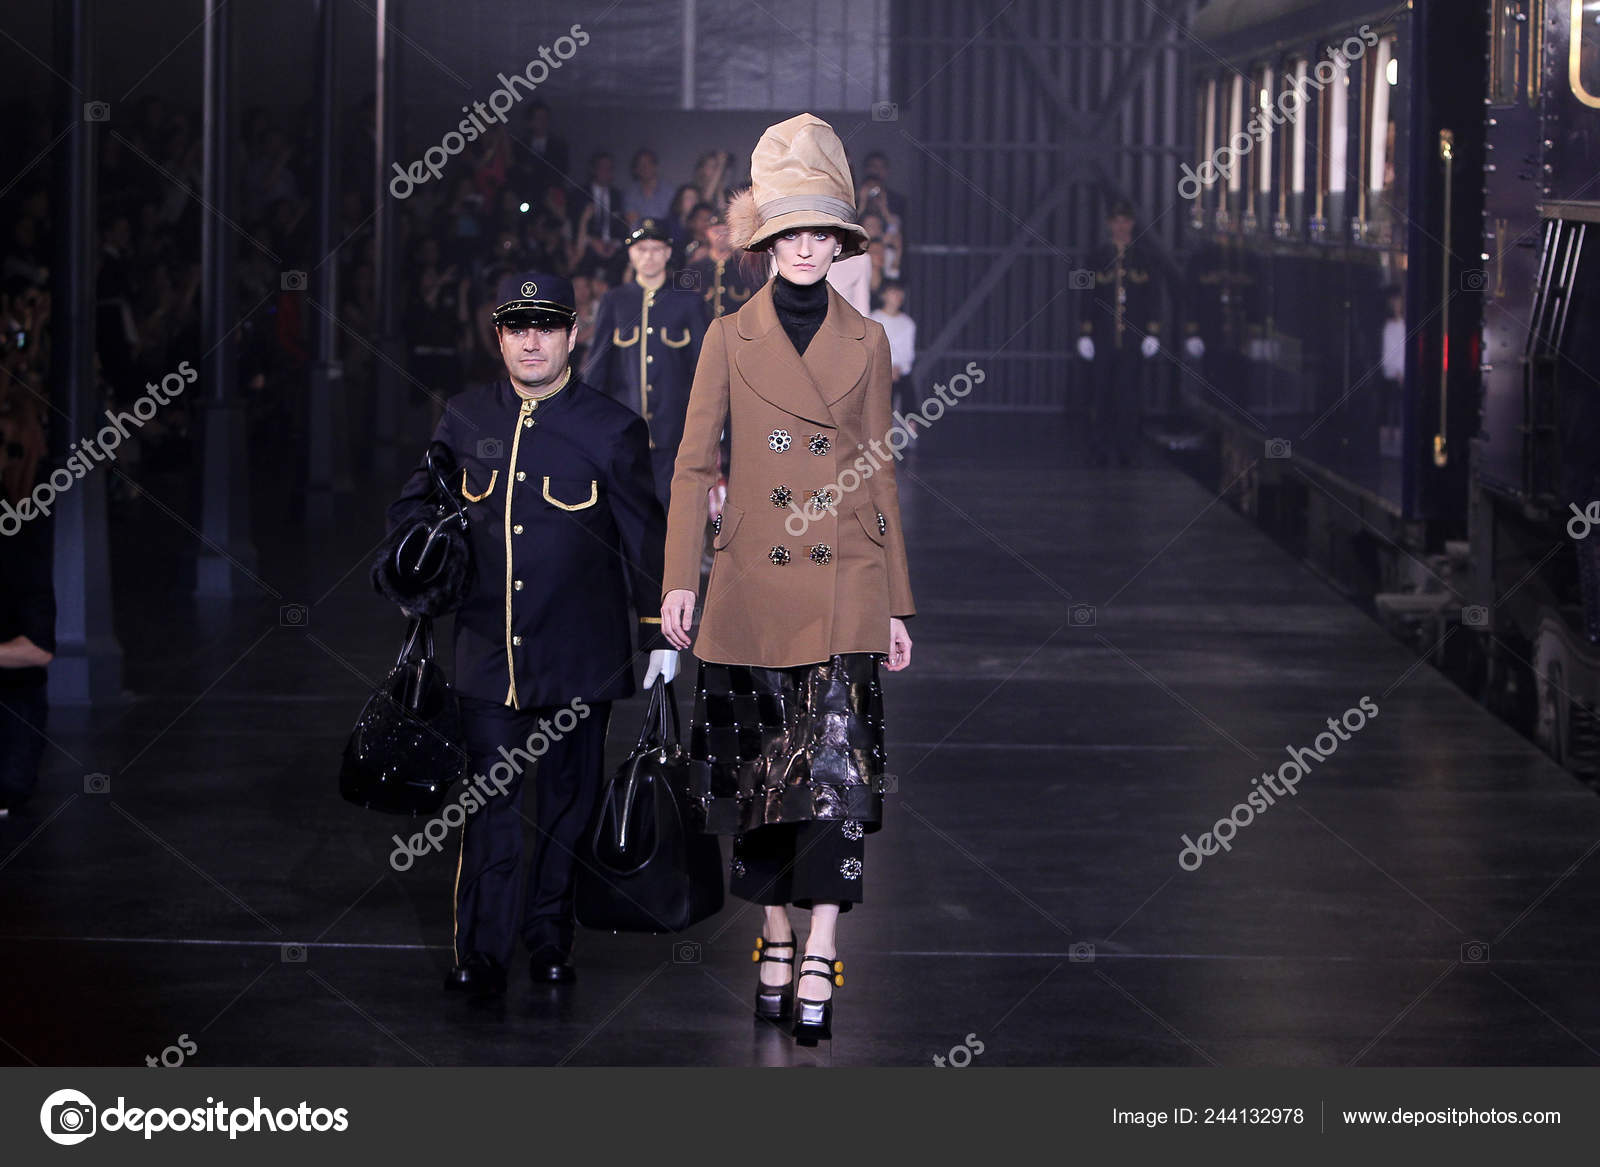 a5196b2a5e7f Модели Ходить Louis Vuitton Express Отображать Новые Коллекции ...